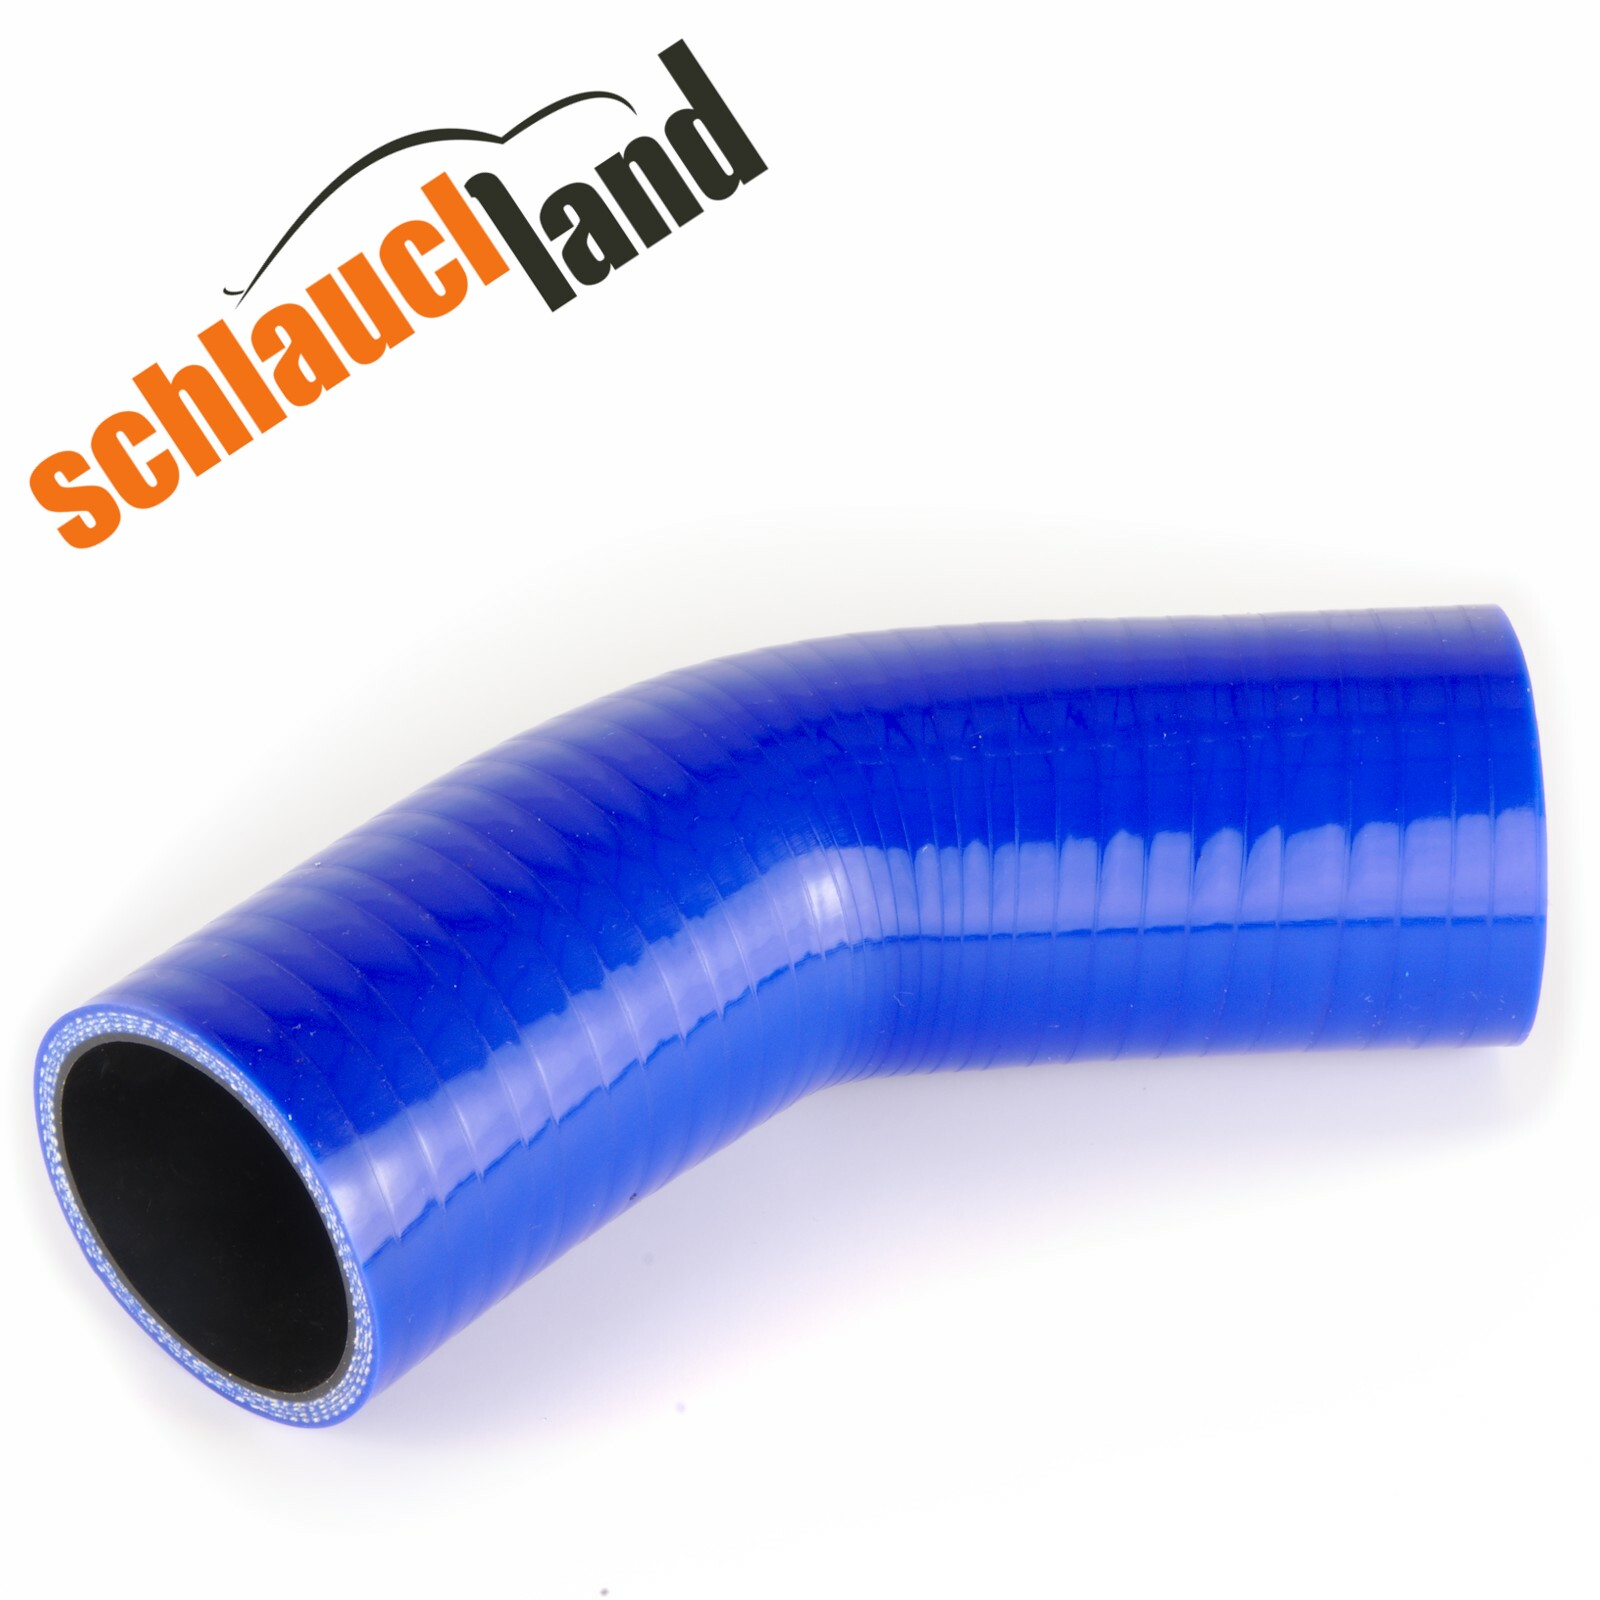 Silikonbogen 45° Innendurchmesser 51 mm / Blau